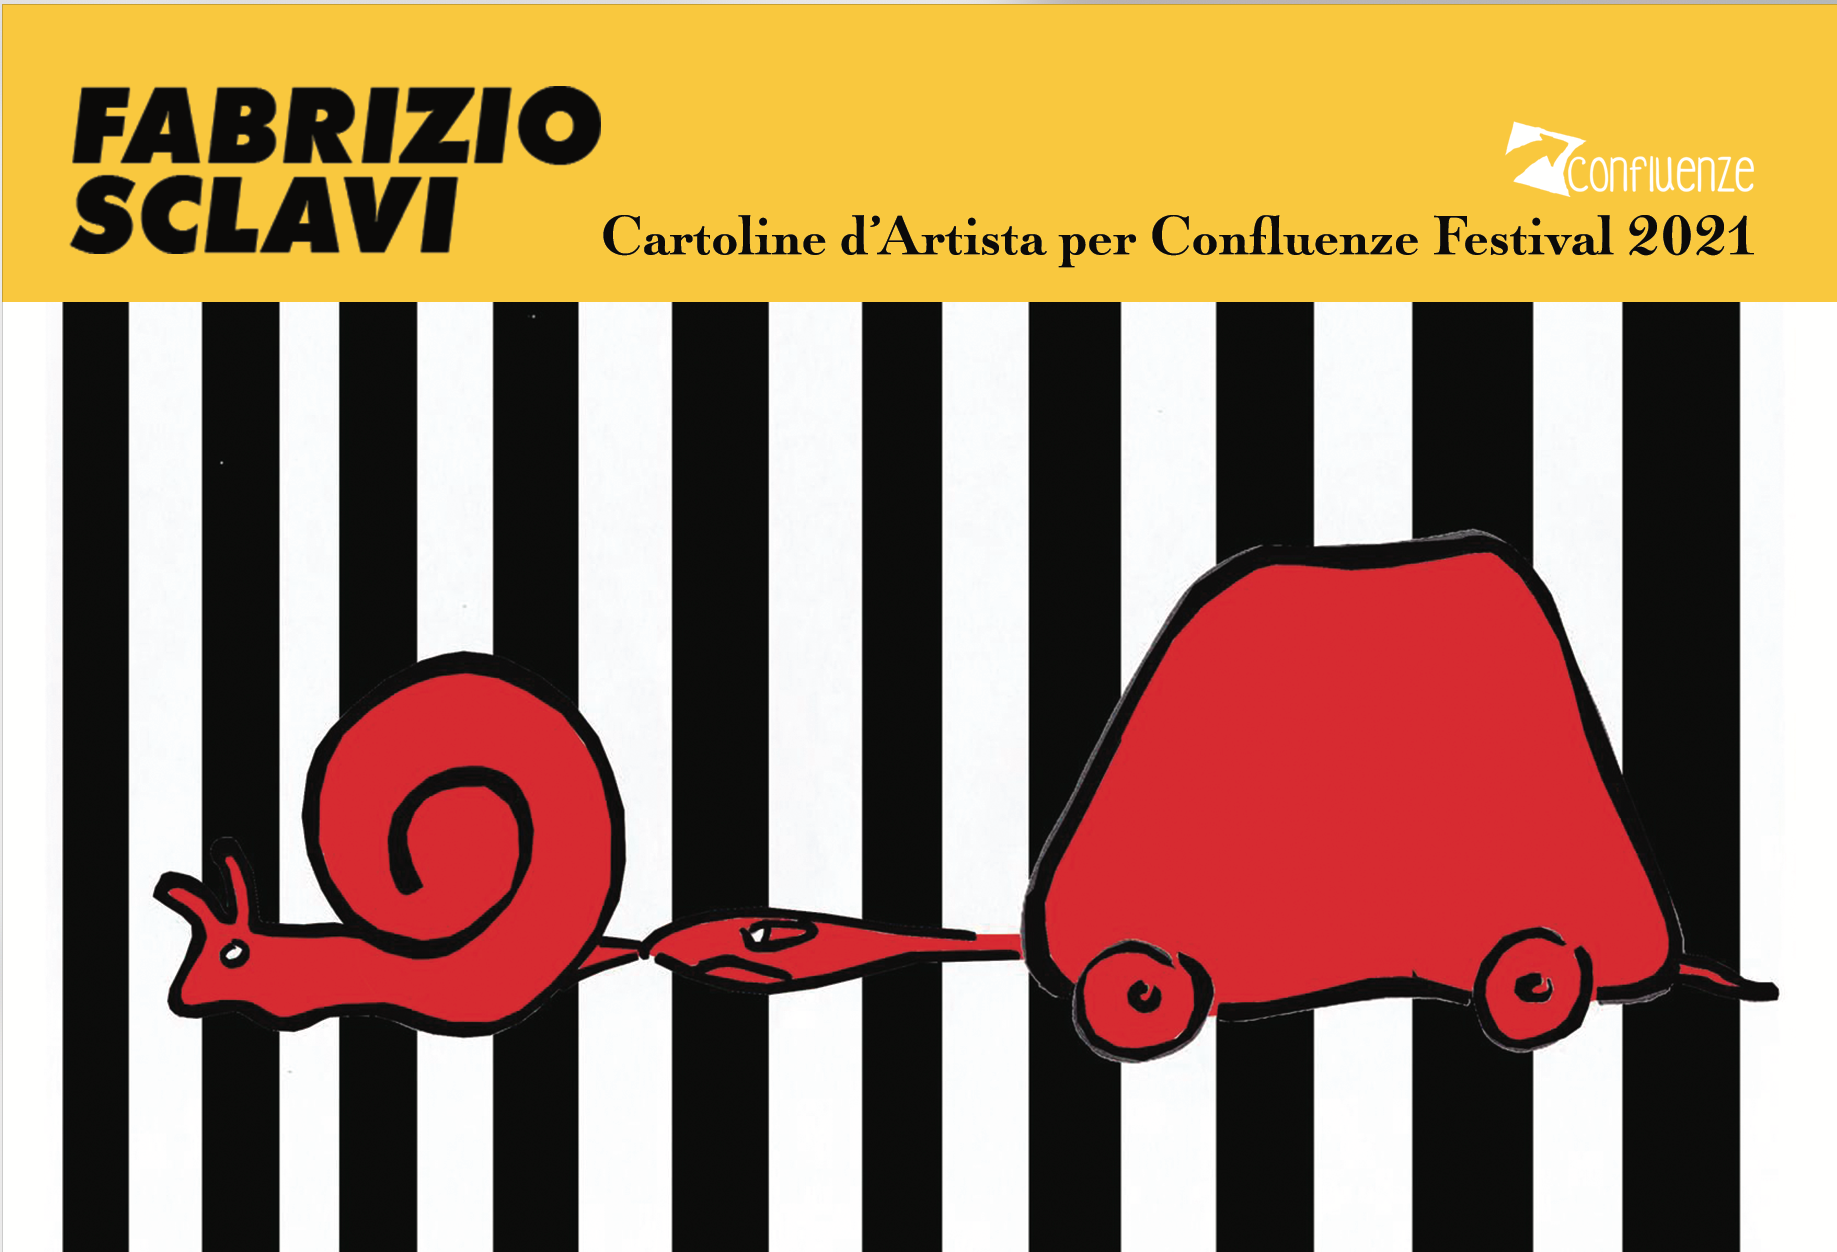 Fabrizio Sclavi Confluenze